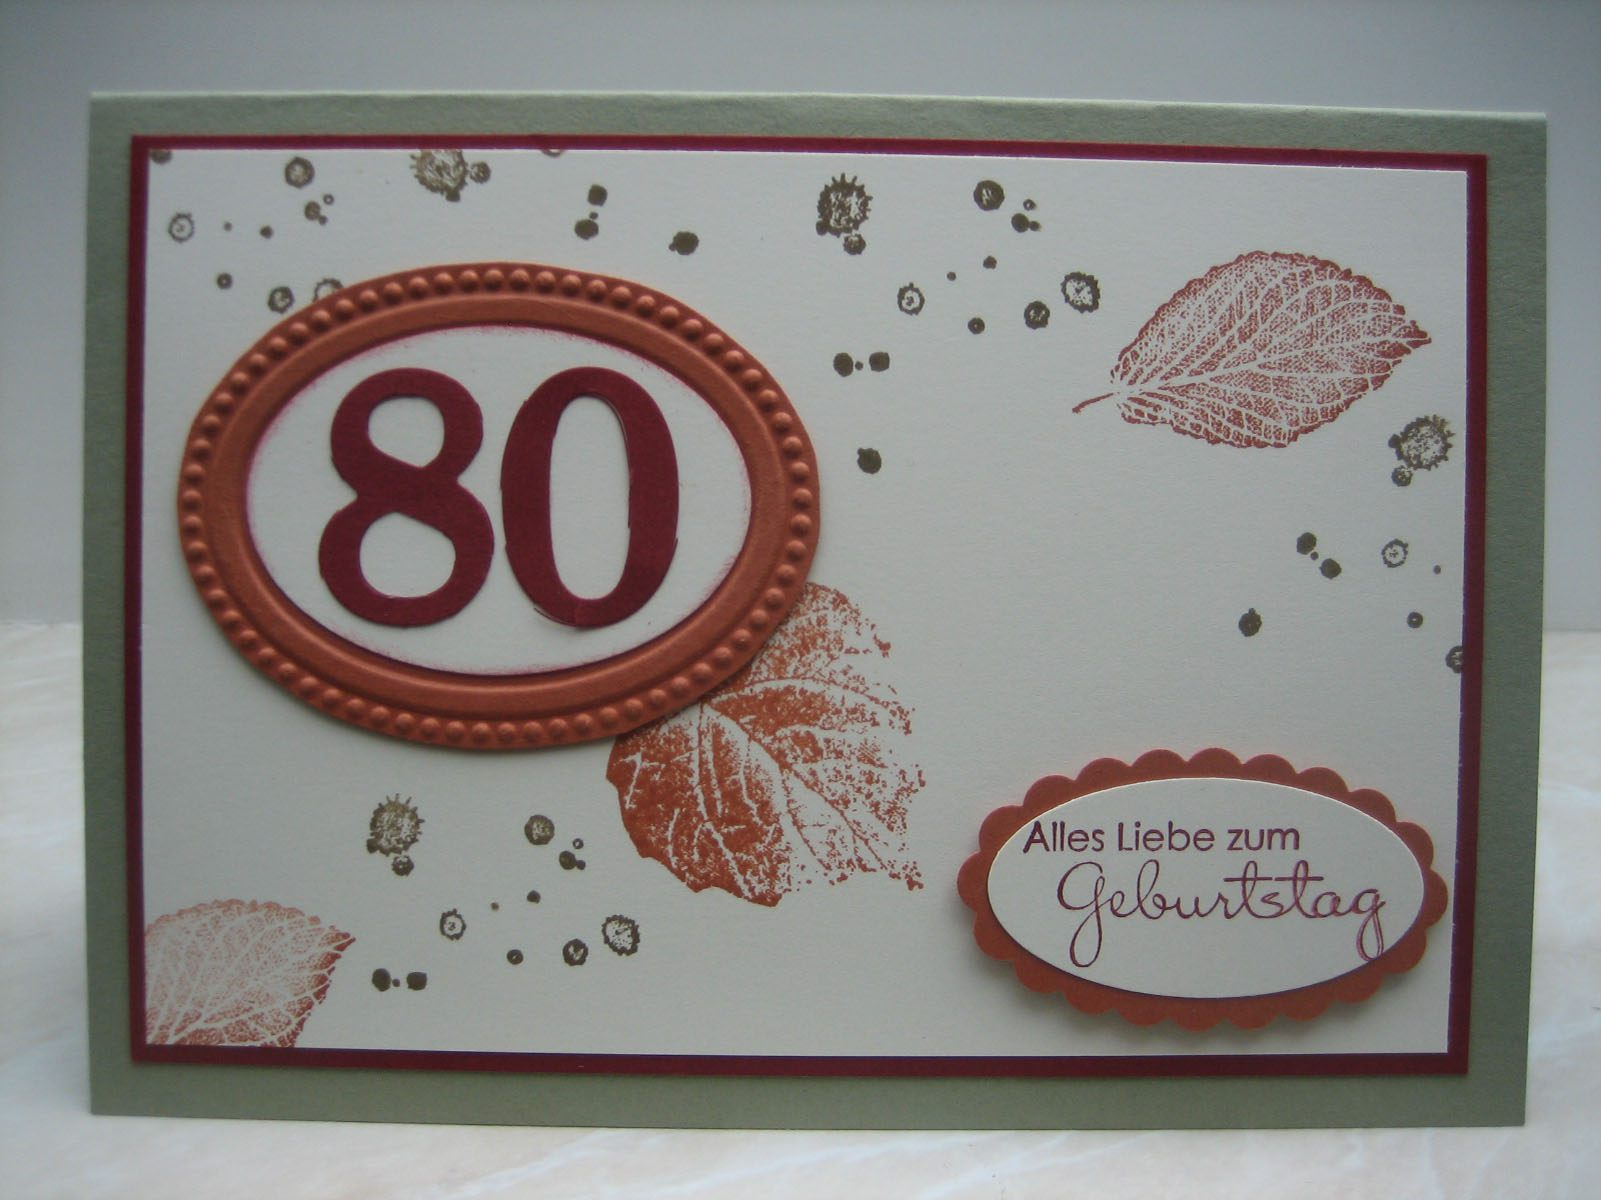 einladung zum 80 geburtstag : einladung zum 80 geburtstag sprüche